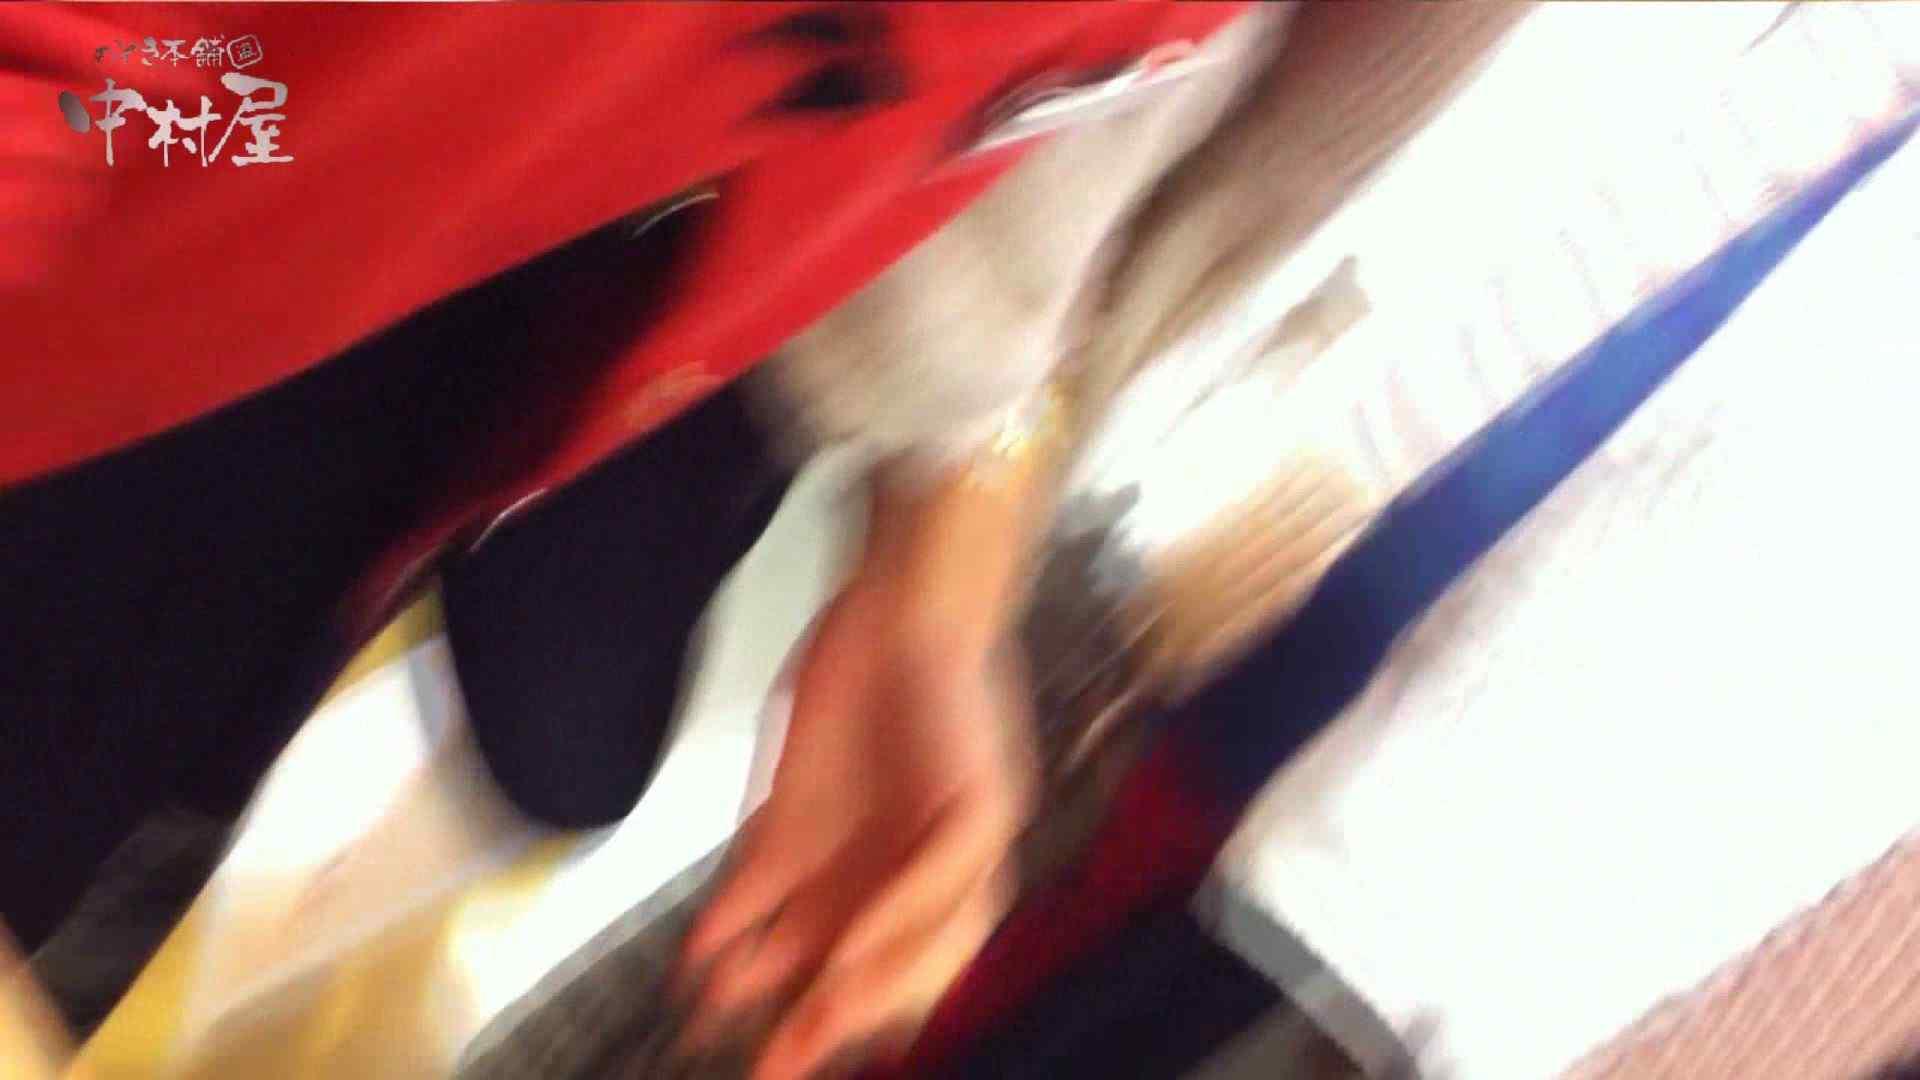 vol.82 美人アパレル胸チラ&パンチラ チラ豊作! チラ 盗撮動画紹介 86画像 53